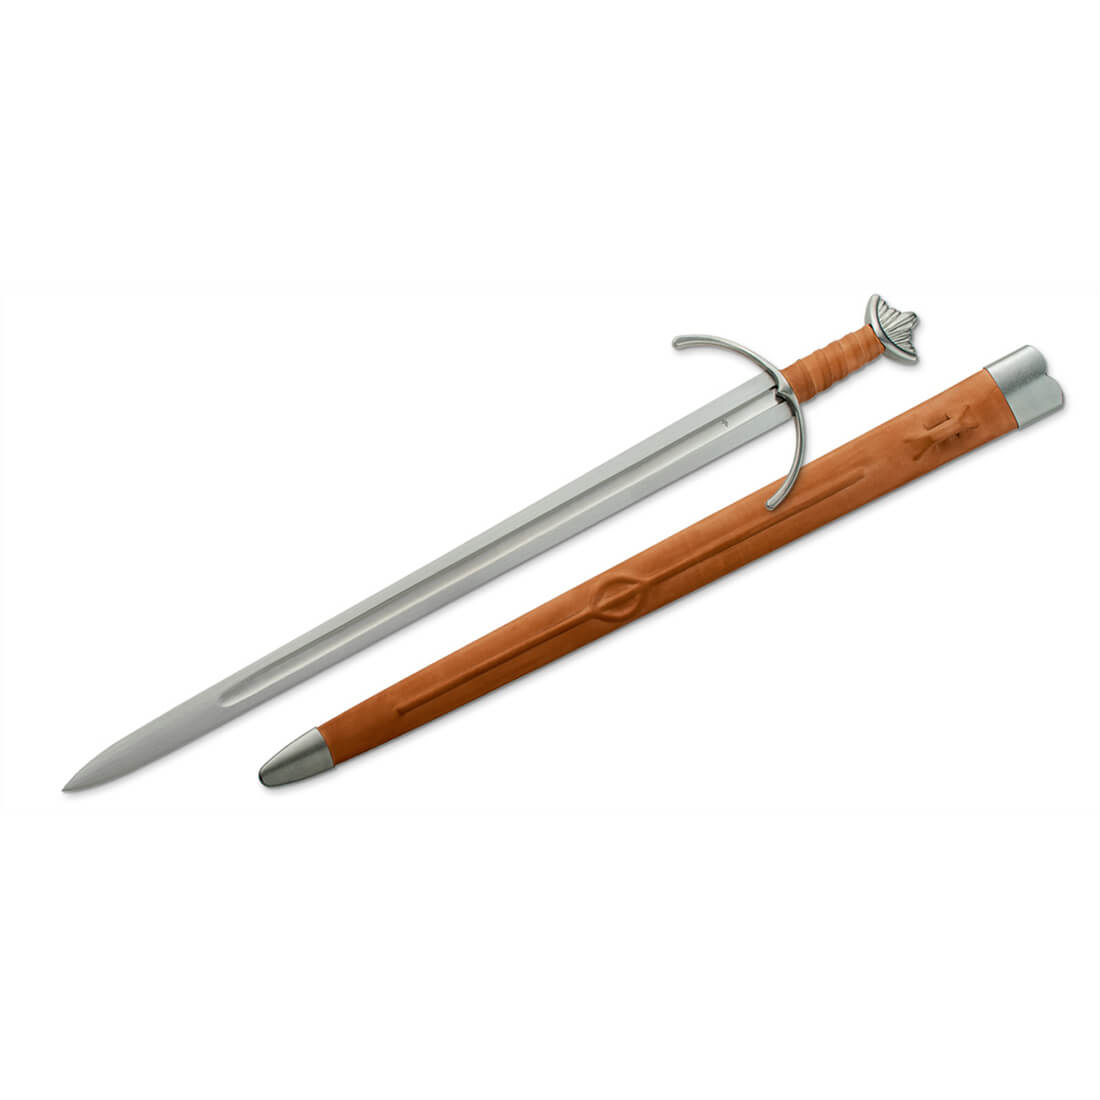 Cawood Viking Sword (Paul Chen) | SH2457